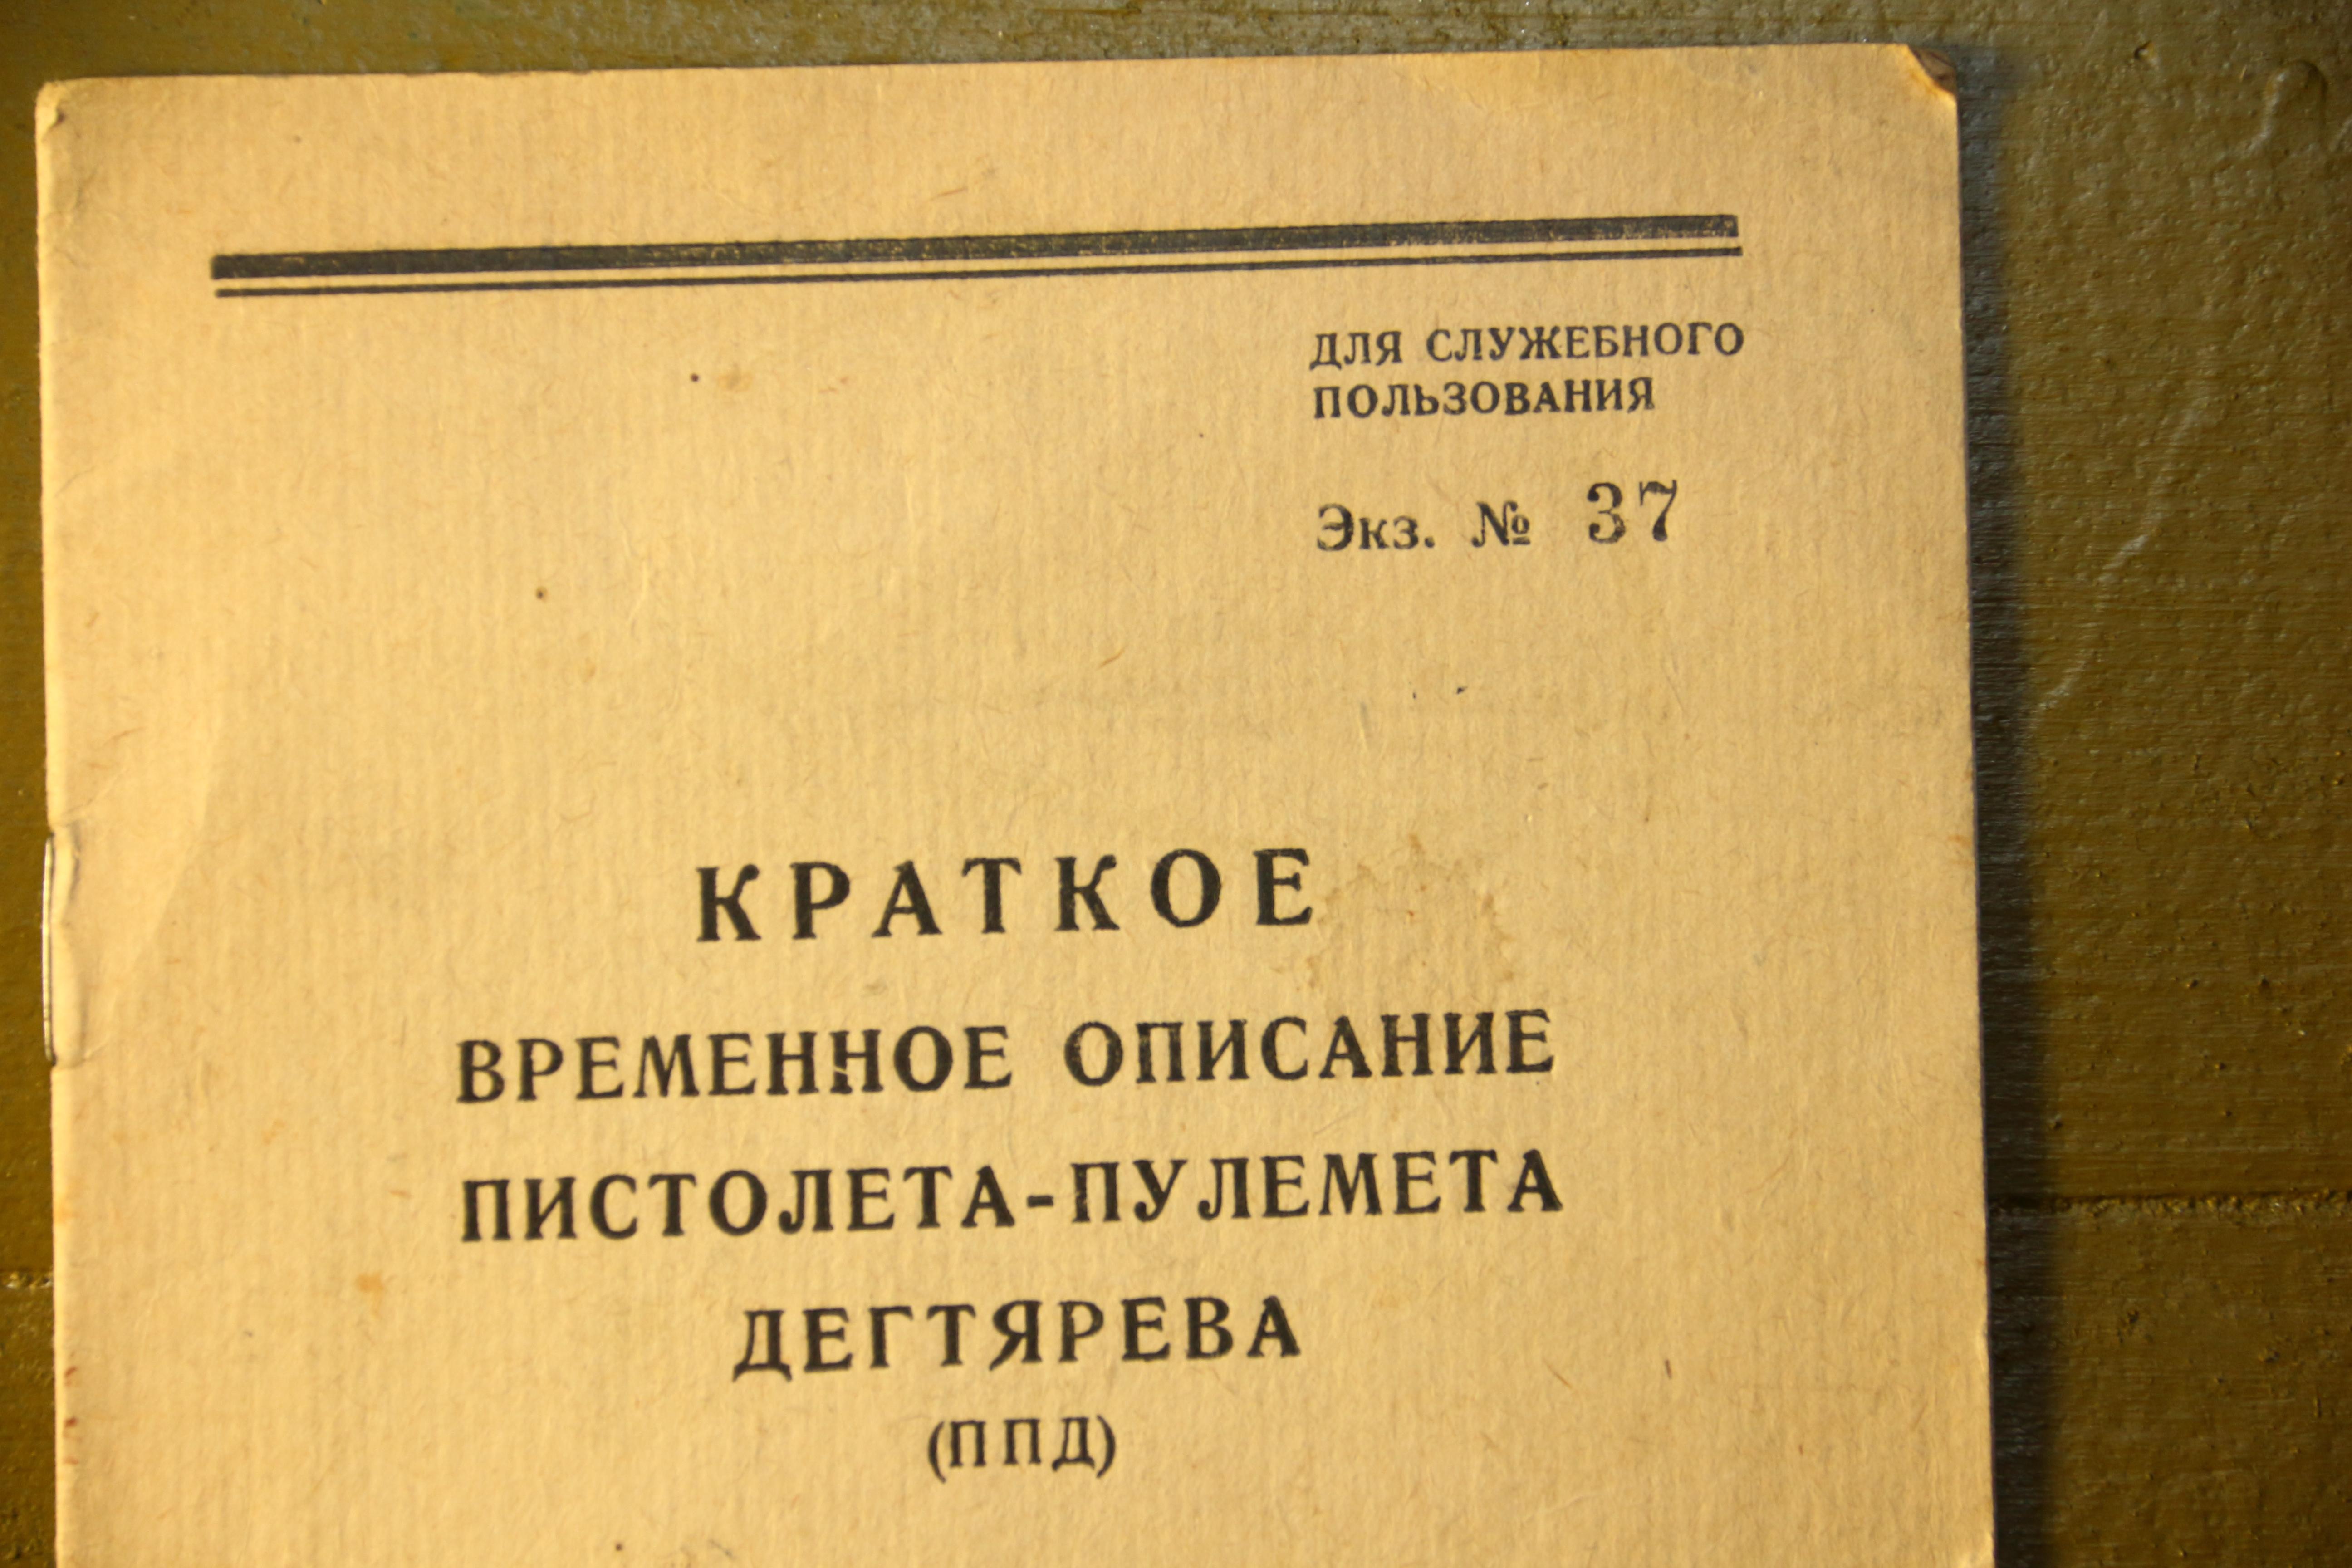 Фото «Краткое временное описание пистолета-пулемета Дегтярева (ППД)» 1939 год